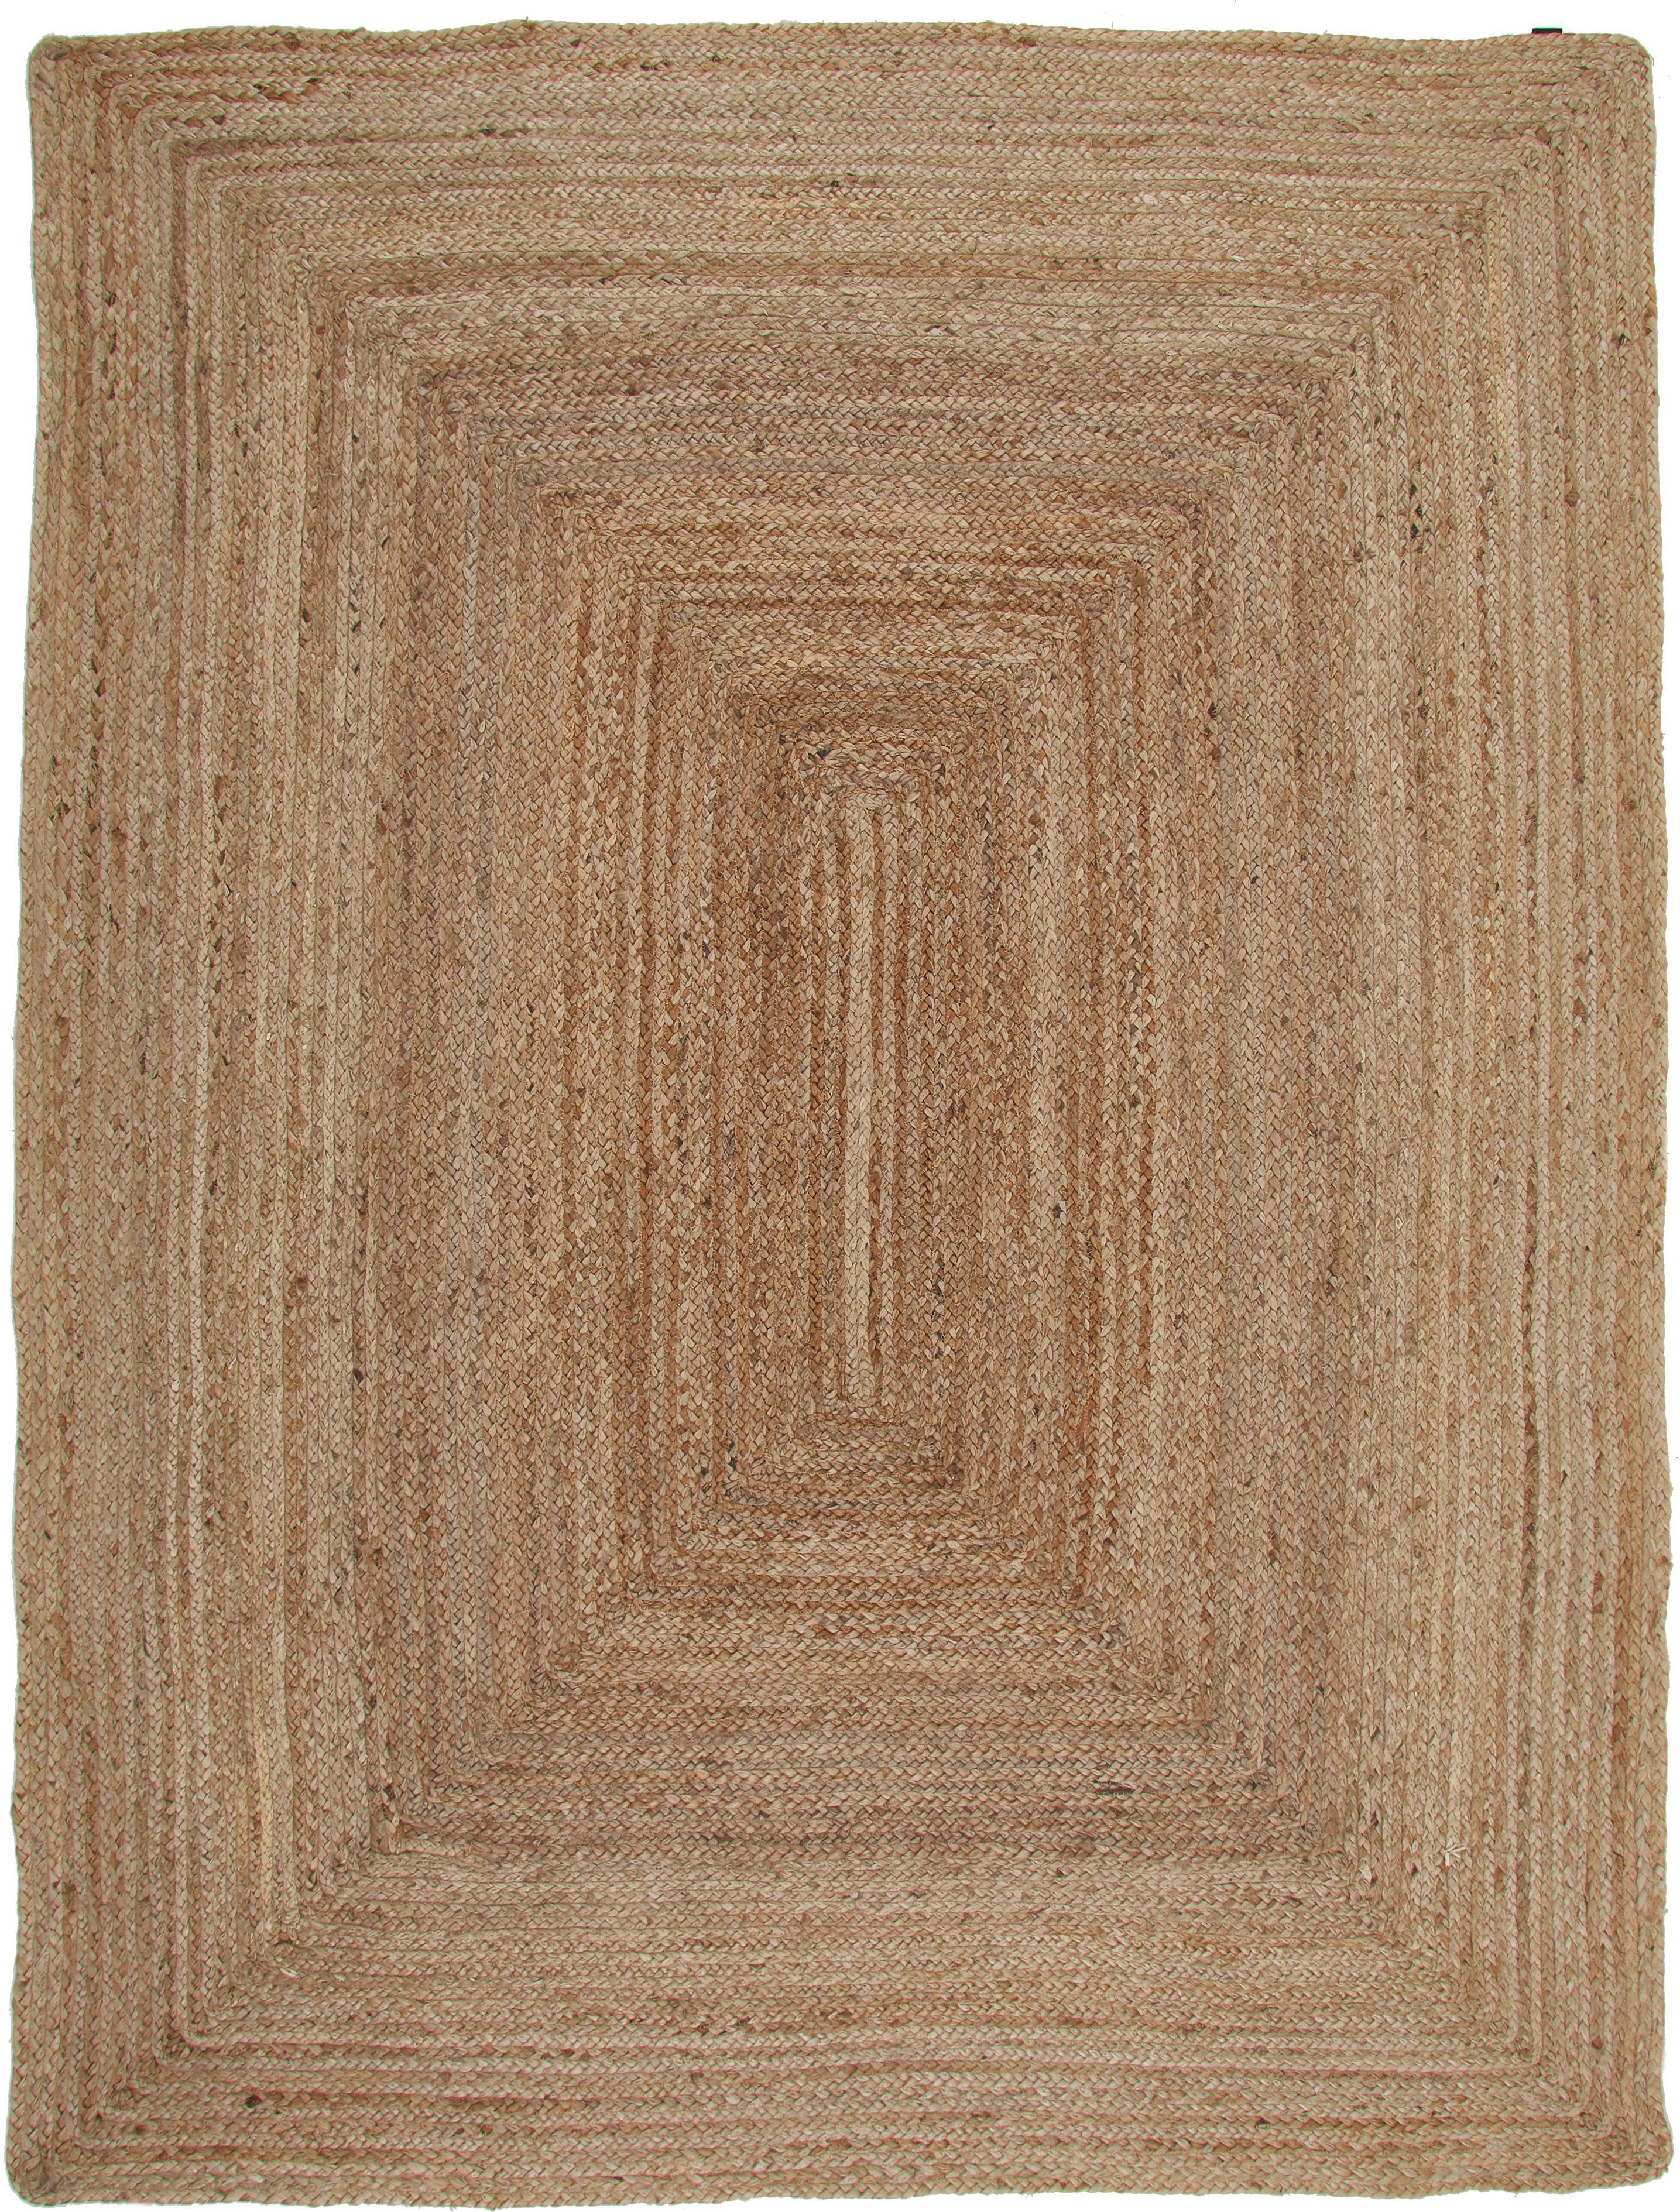 Dywan z juty Ural, Juta, Beżowy, S 150 x D 200 cm (Rozmiar S)